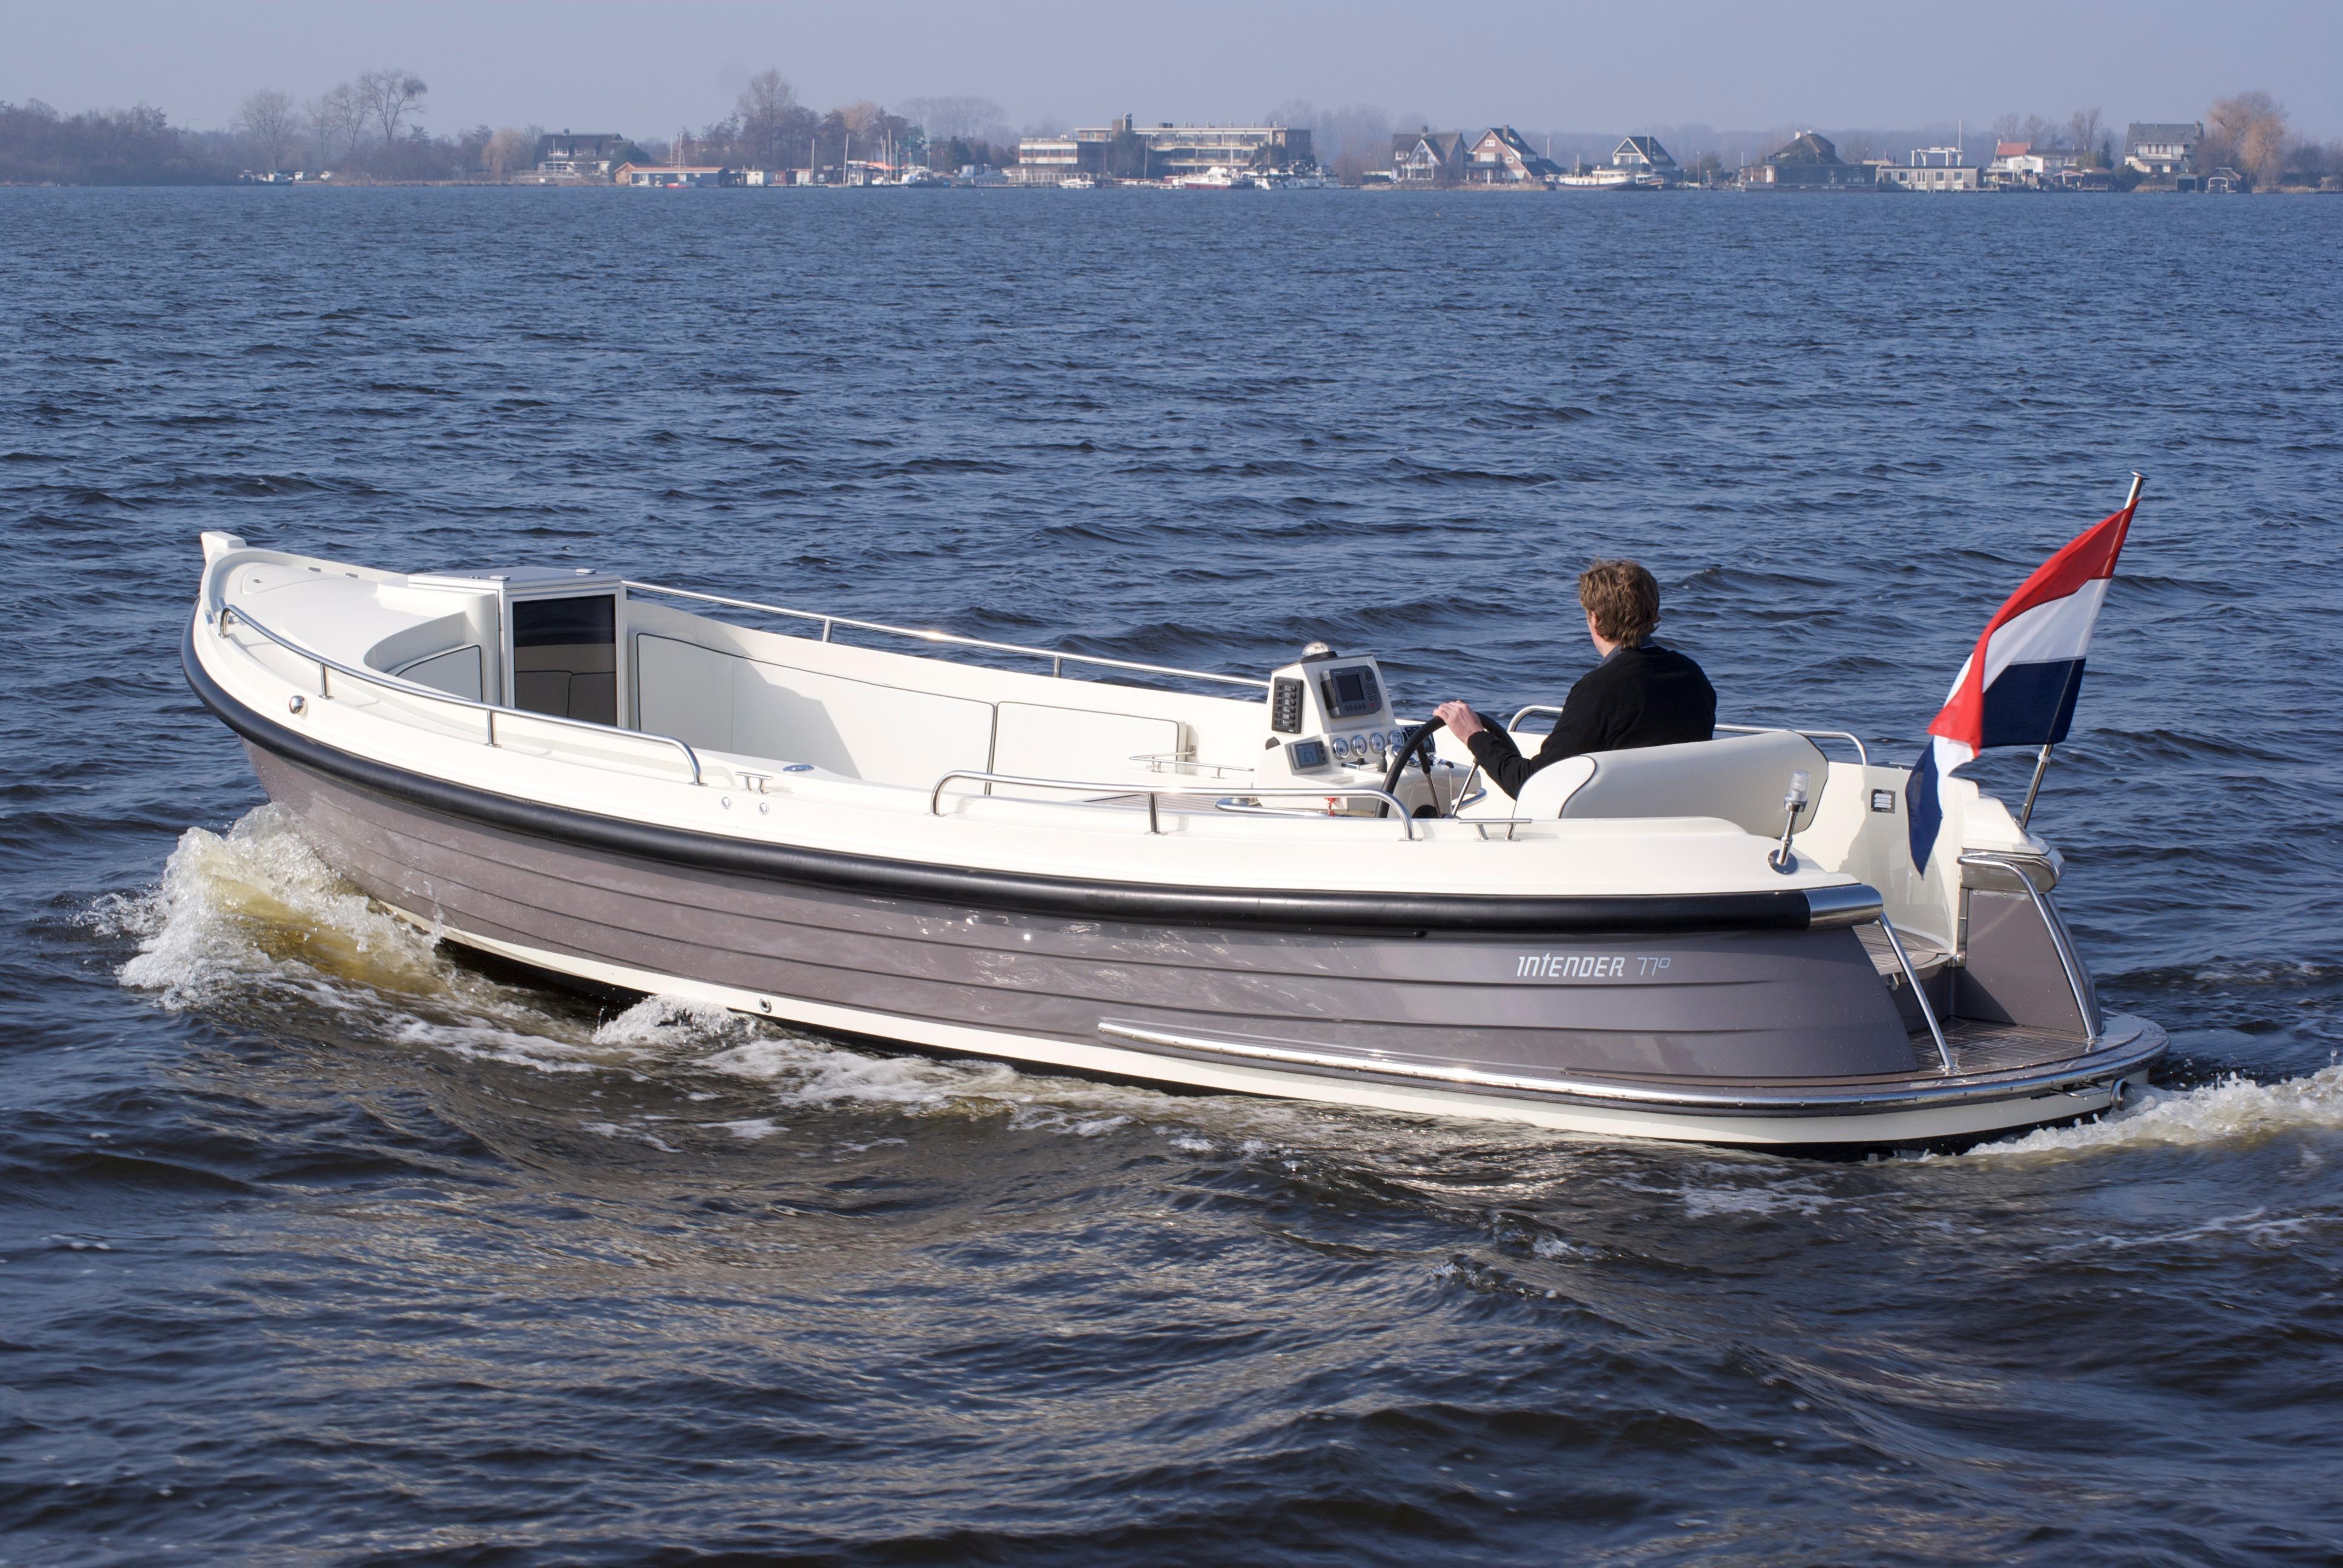 Interboat 770 Intender